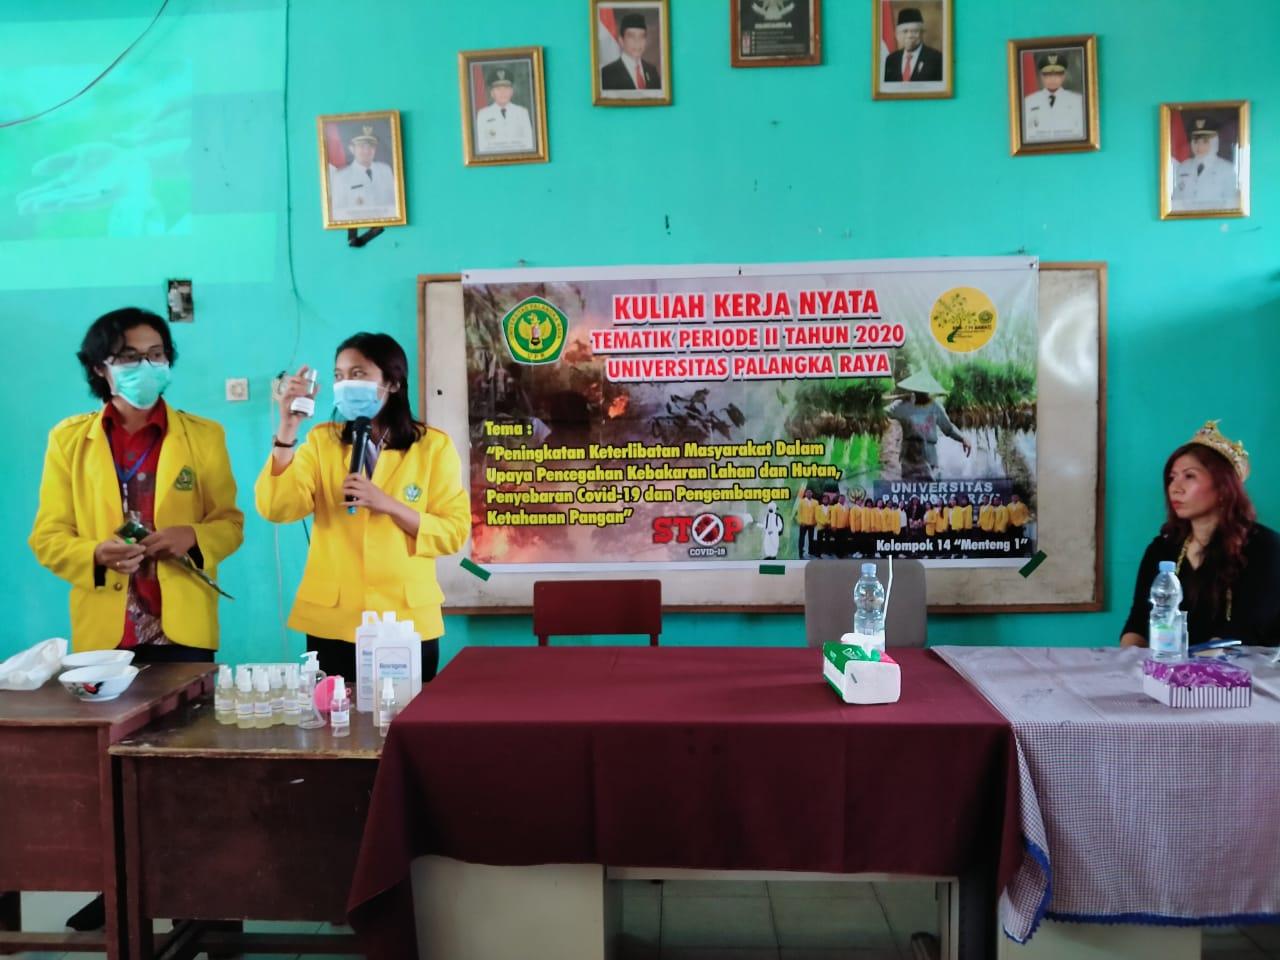 Antusias warga RW 001 dalam mencegah virus covid 19 dengan inovasi handsanitizer